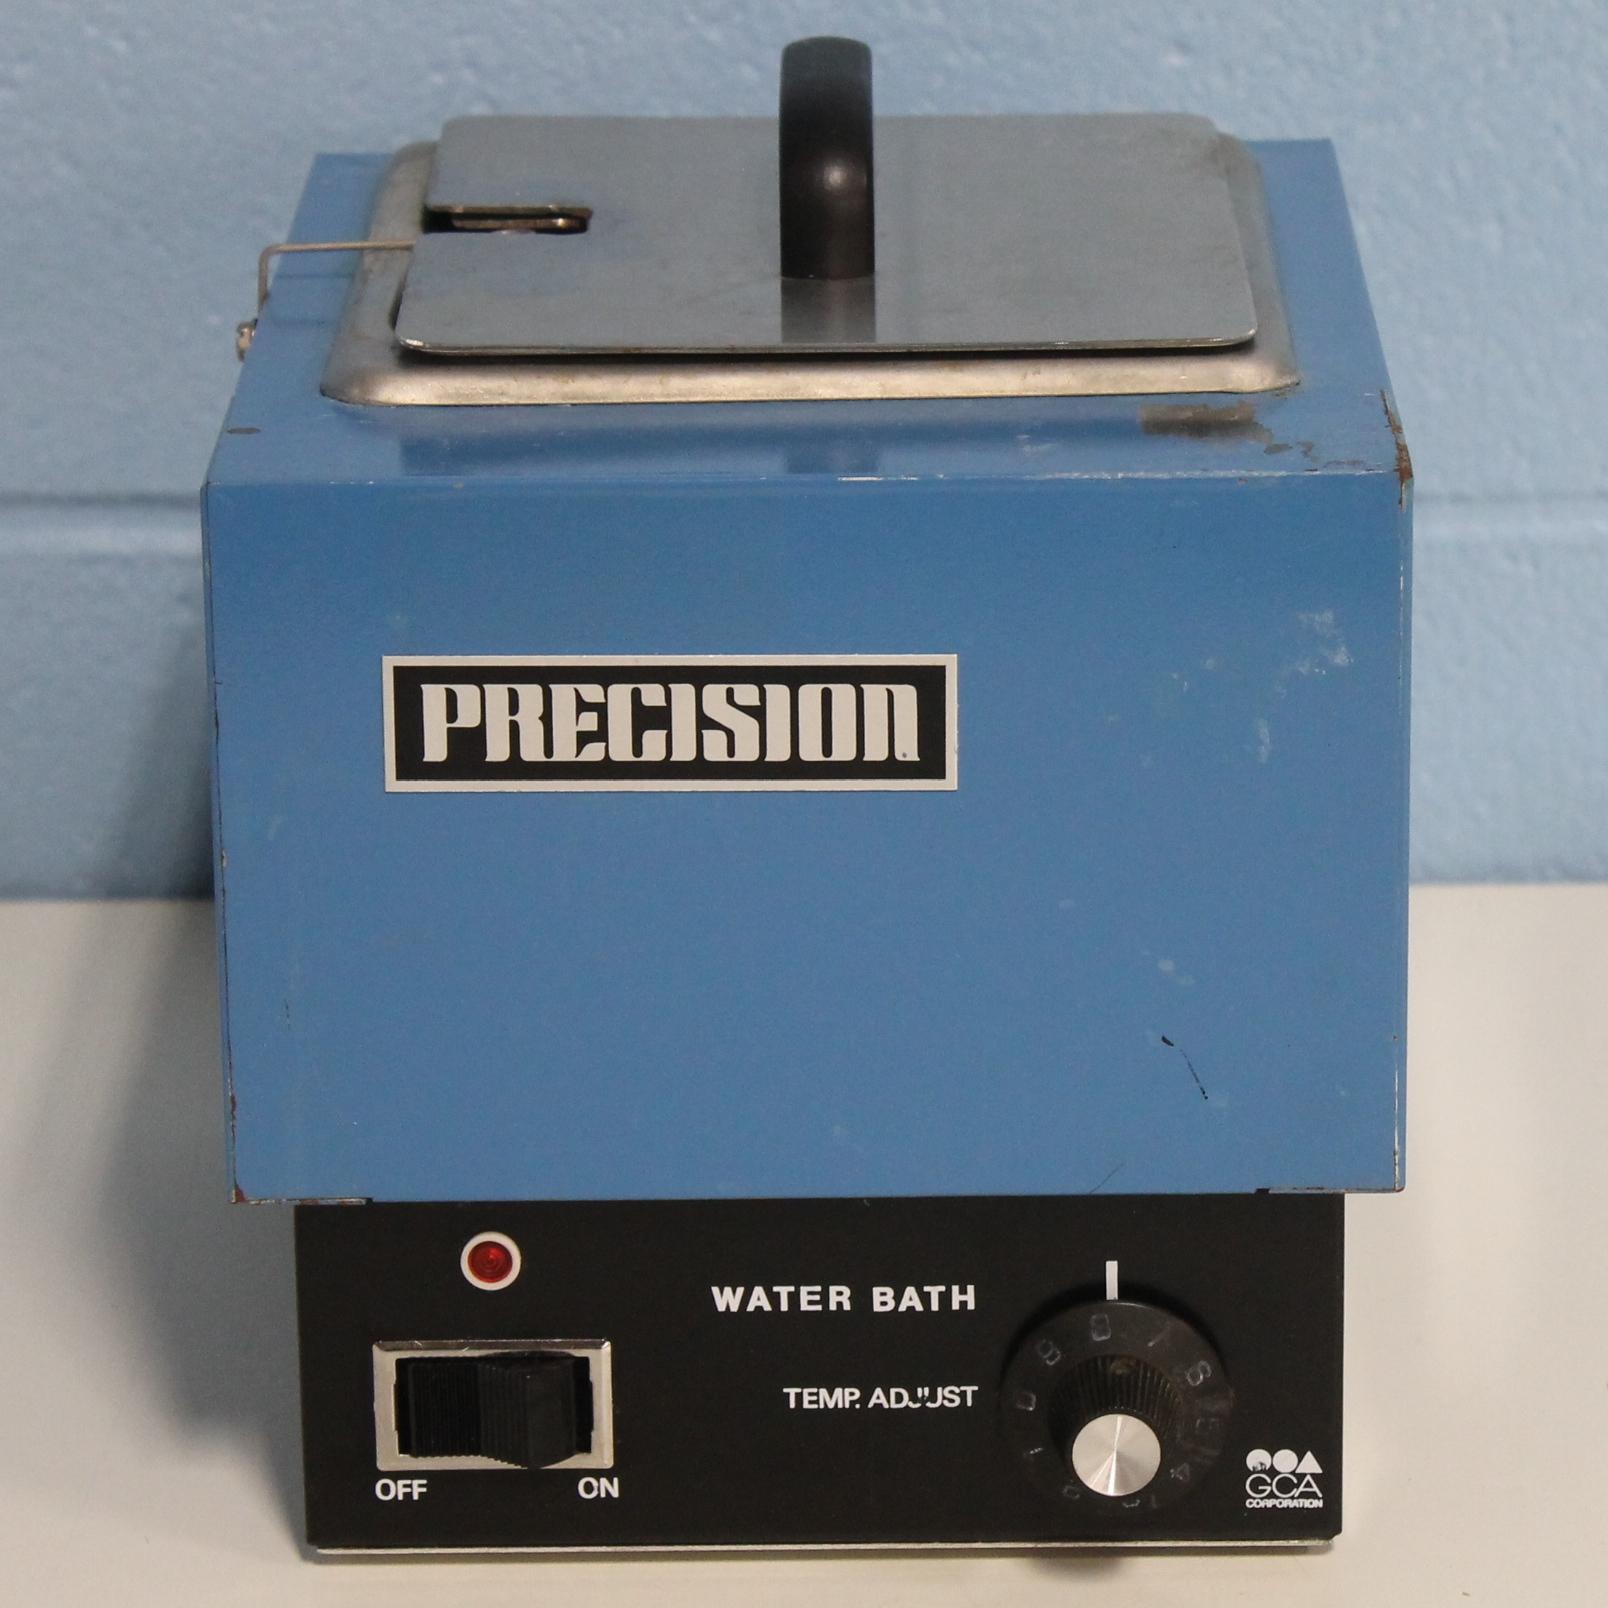 Precision Scientific GCA Water Bath Model 181, CAT No. 66557/23 Image